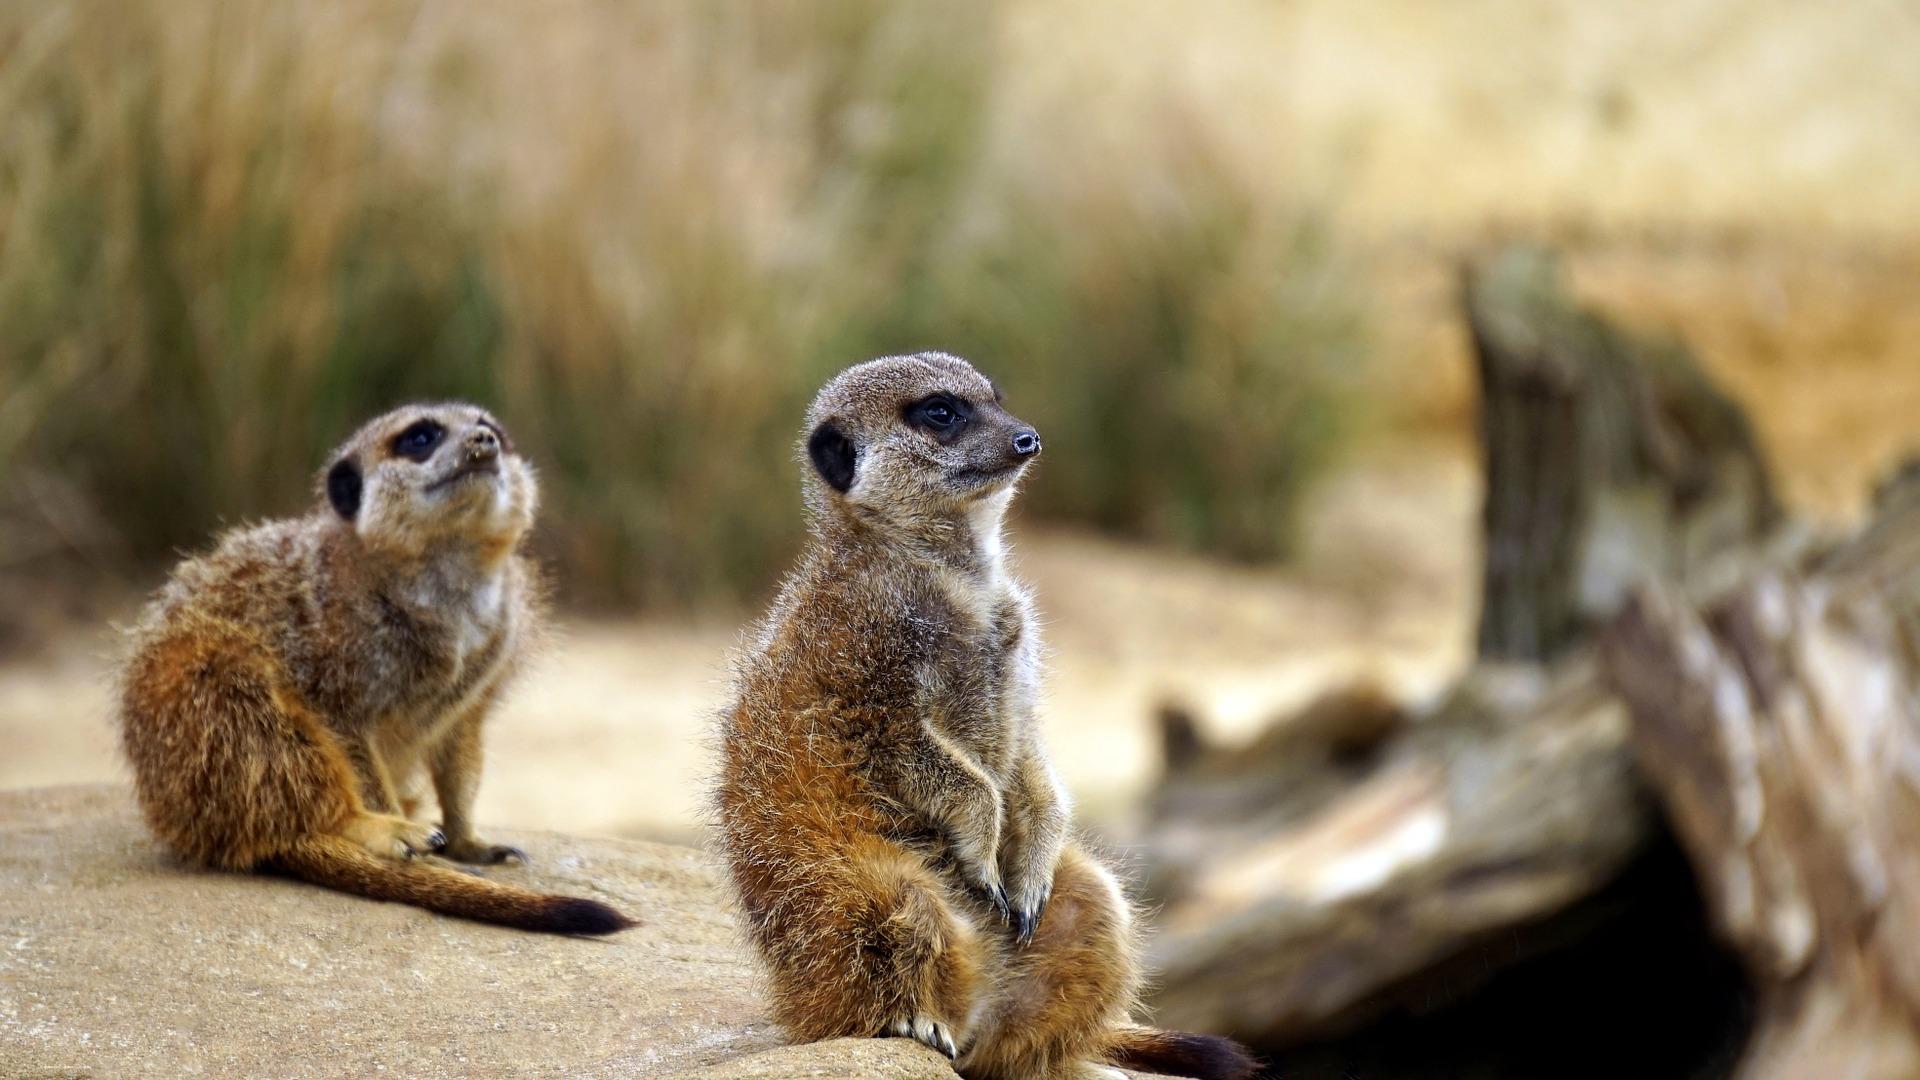 Meerkat, vie sauvage, liberté, faune, L'Afrique, désert - Fonds d'écran HD - Professor-falken.com